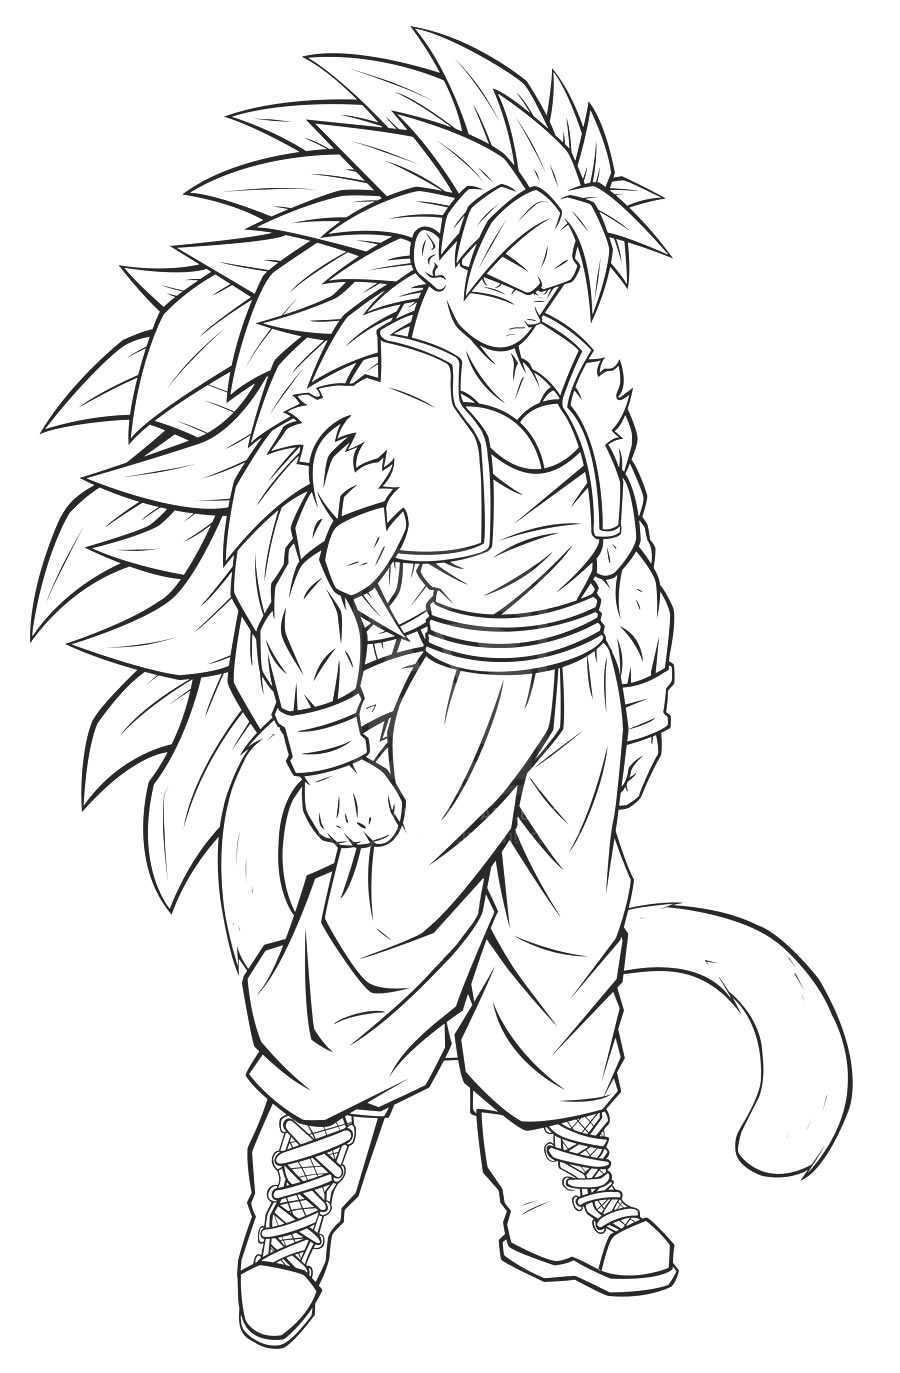 Imagenes de goku fase dios para dibujar - San goku super saiyan 5 ...